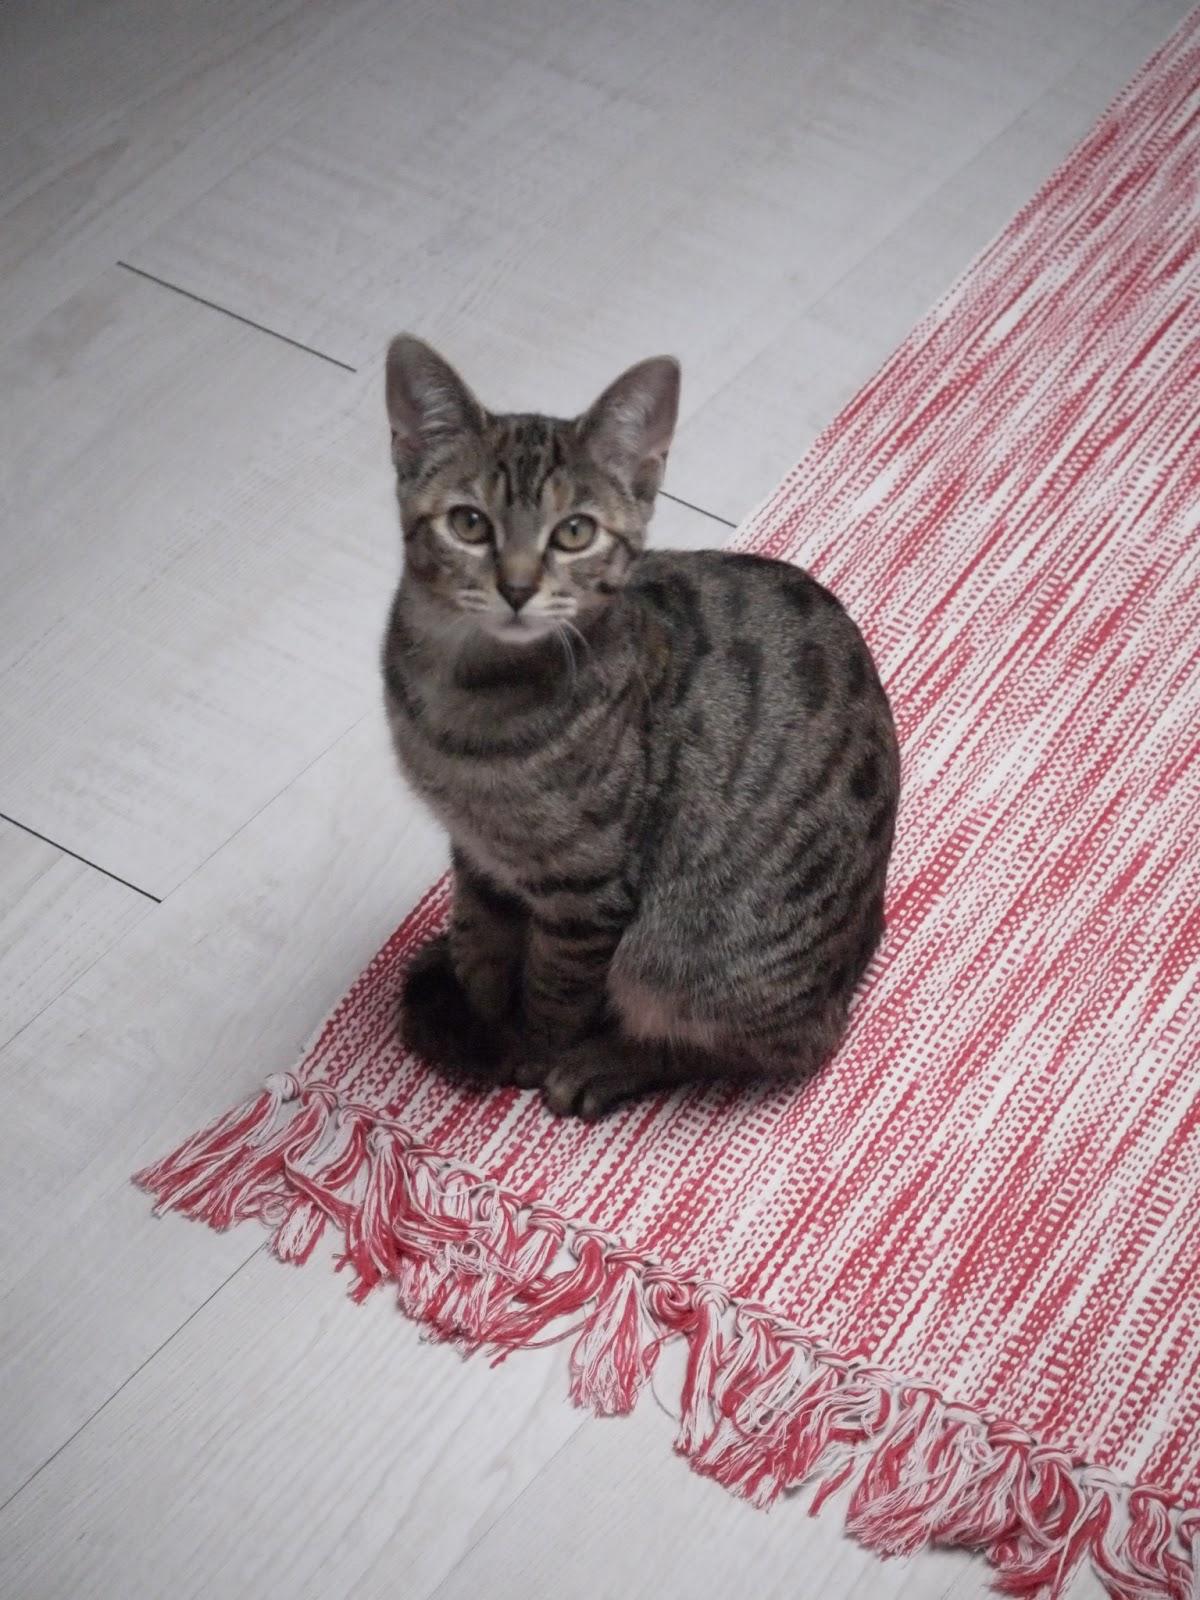 le chat sur le tapis rose